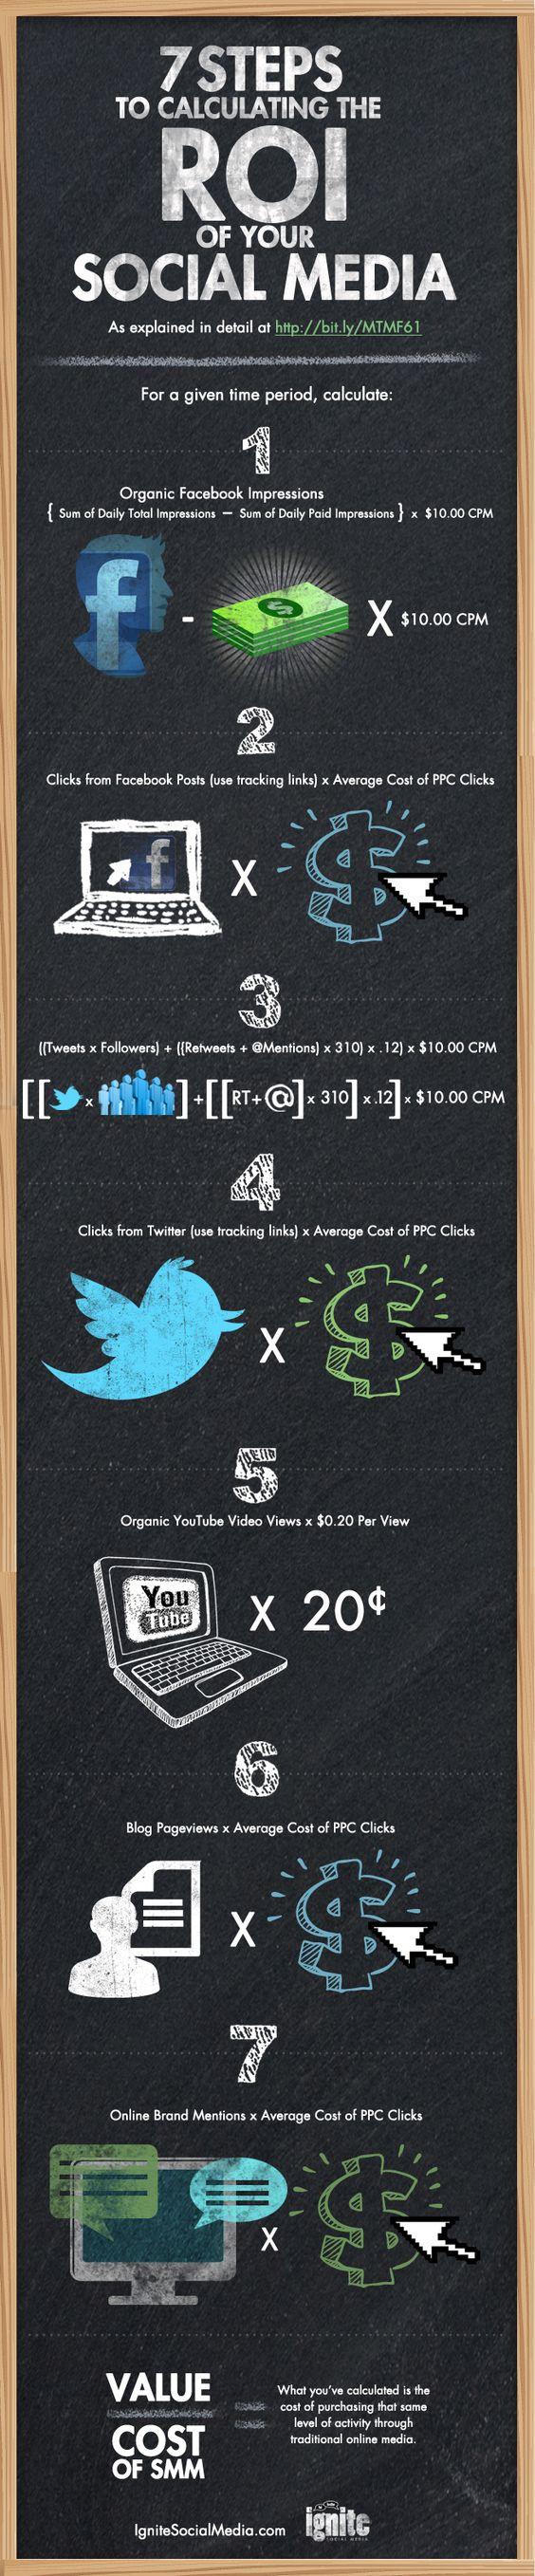 ¿Es posible calcular el ROI en Redes Sociales? [Infografía] | TreceBits